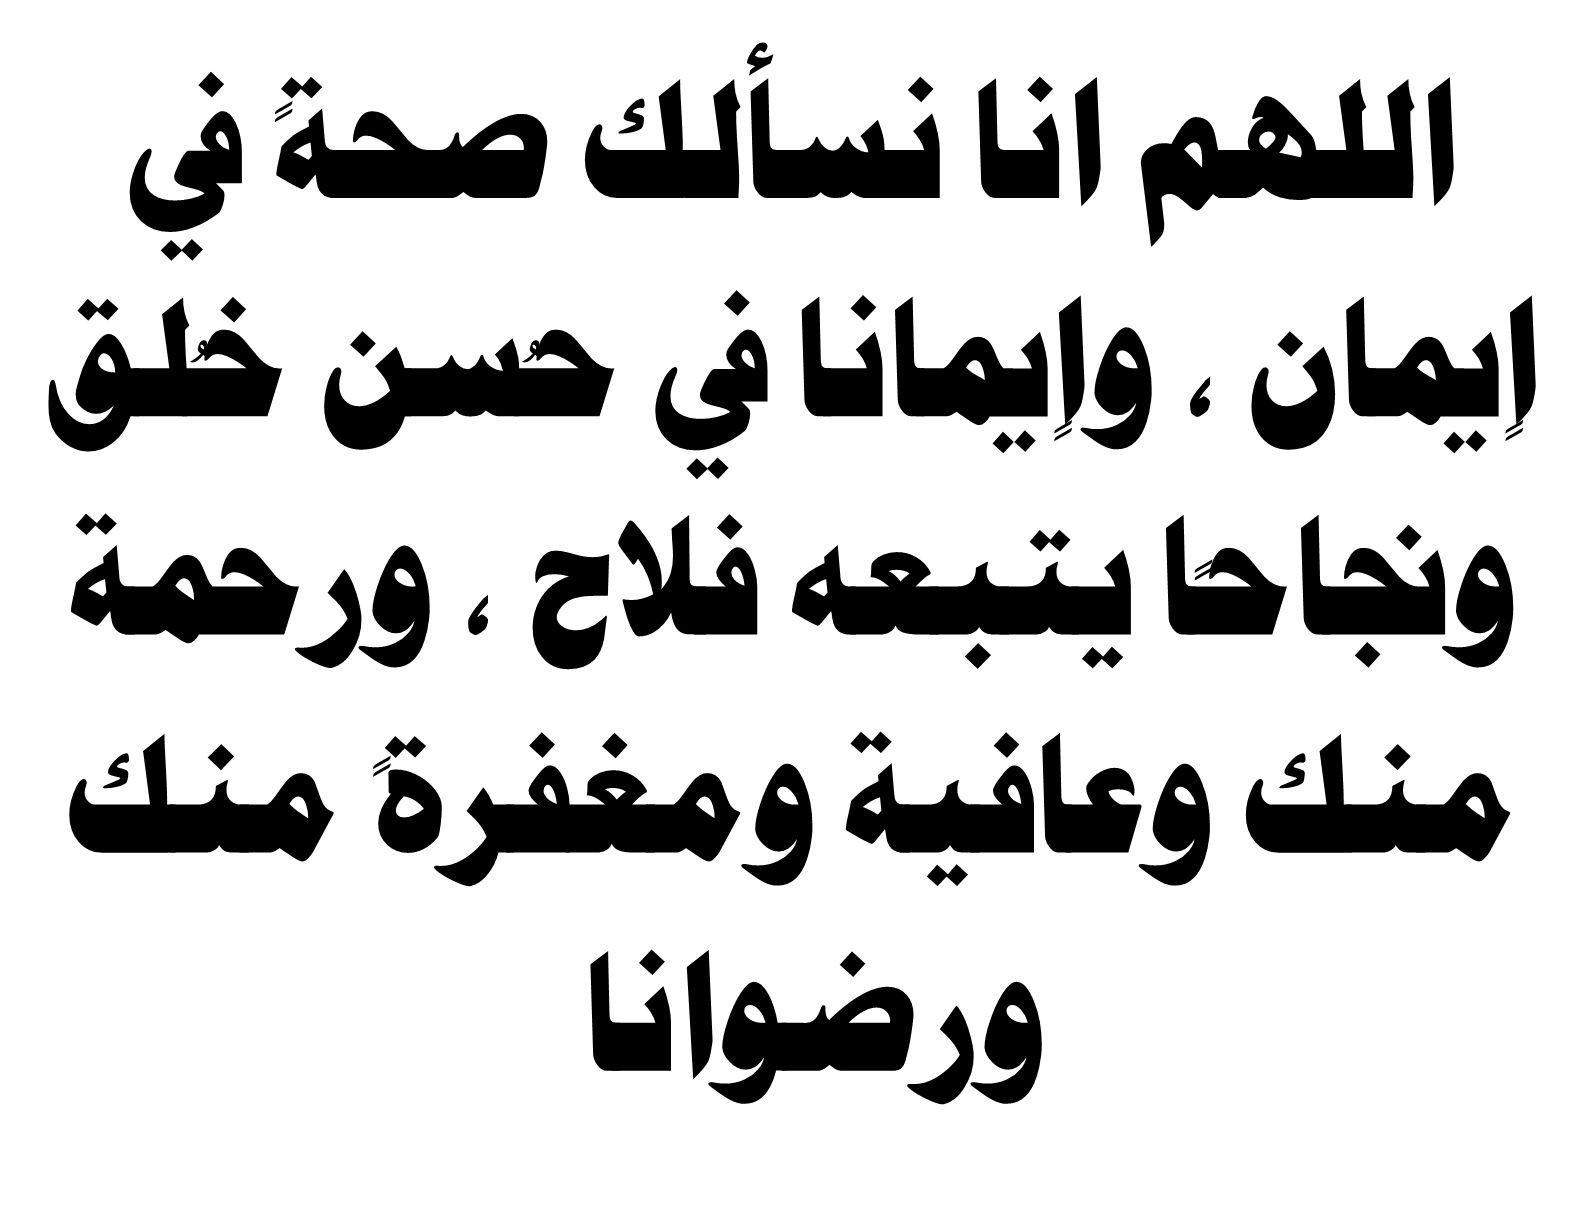 اللهم إنا نسألك صحة Math Arabic Calligraphy Calligraphy